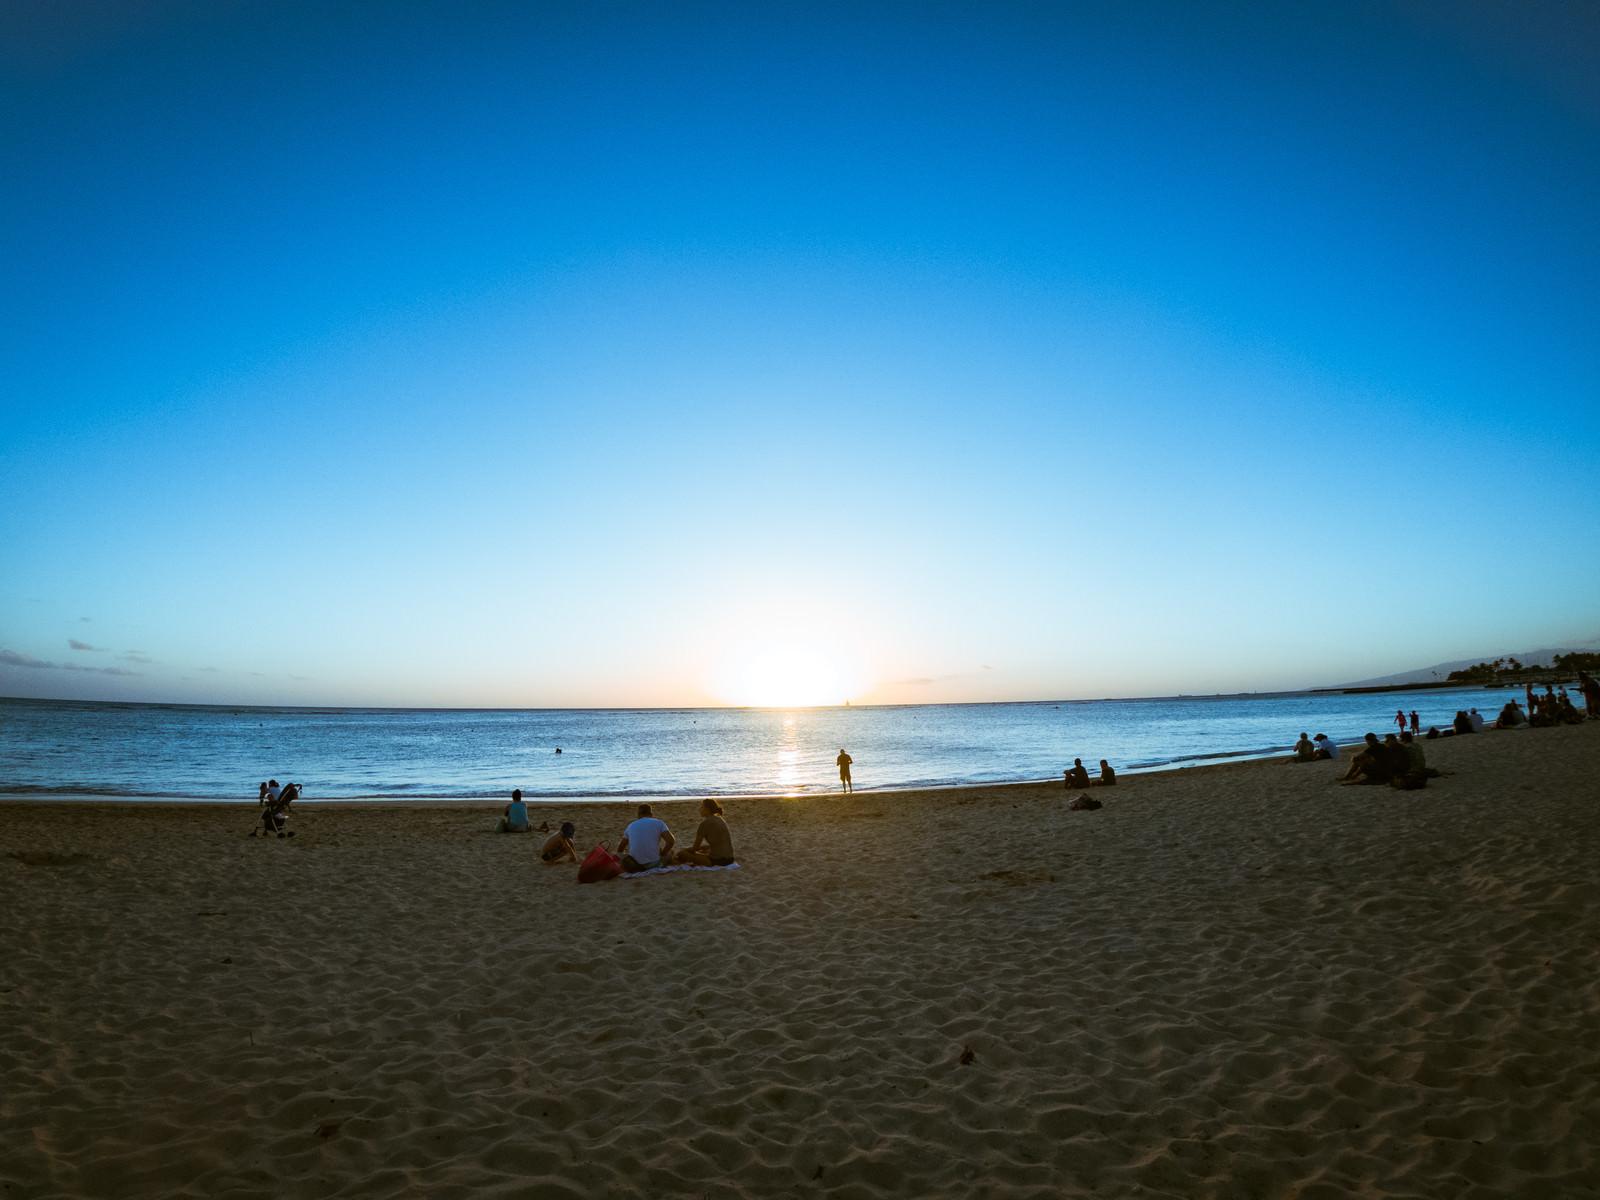 「ハワイのサンセットを眺める人々」の写真